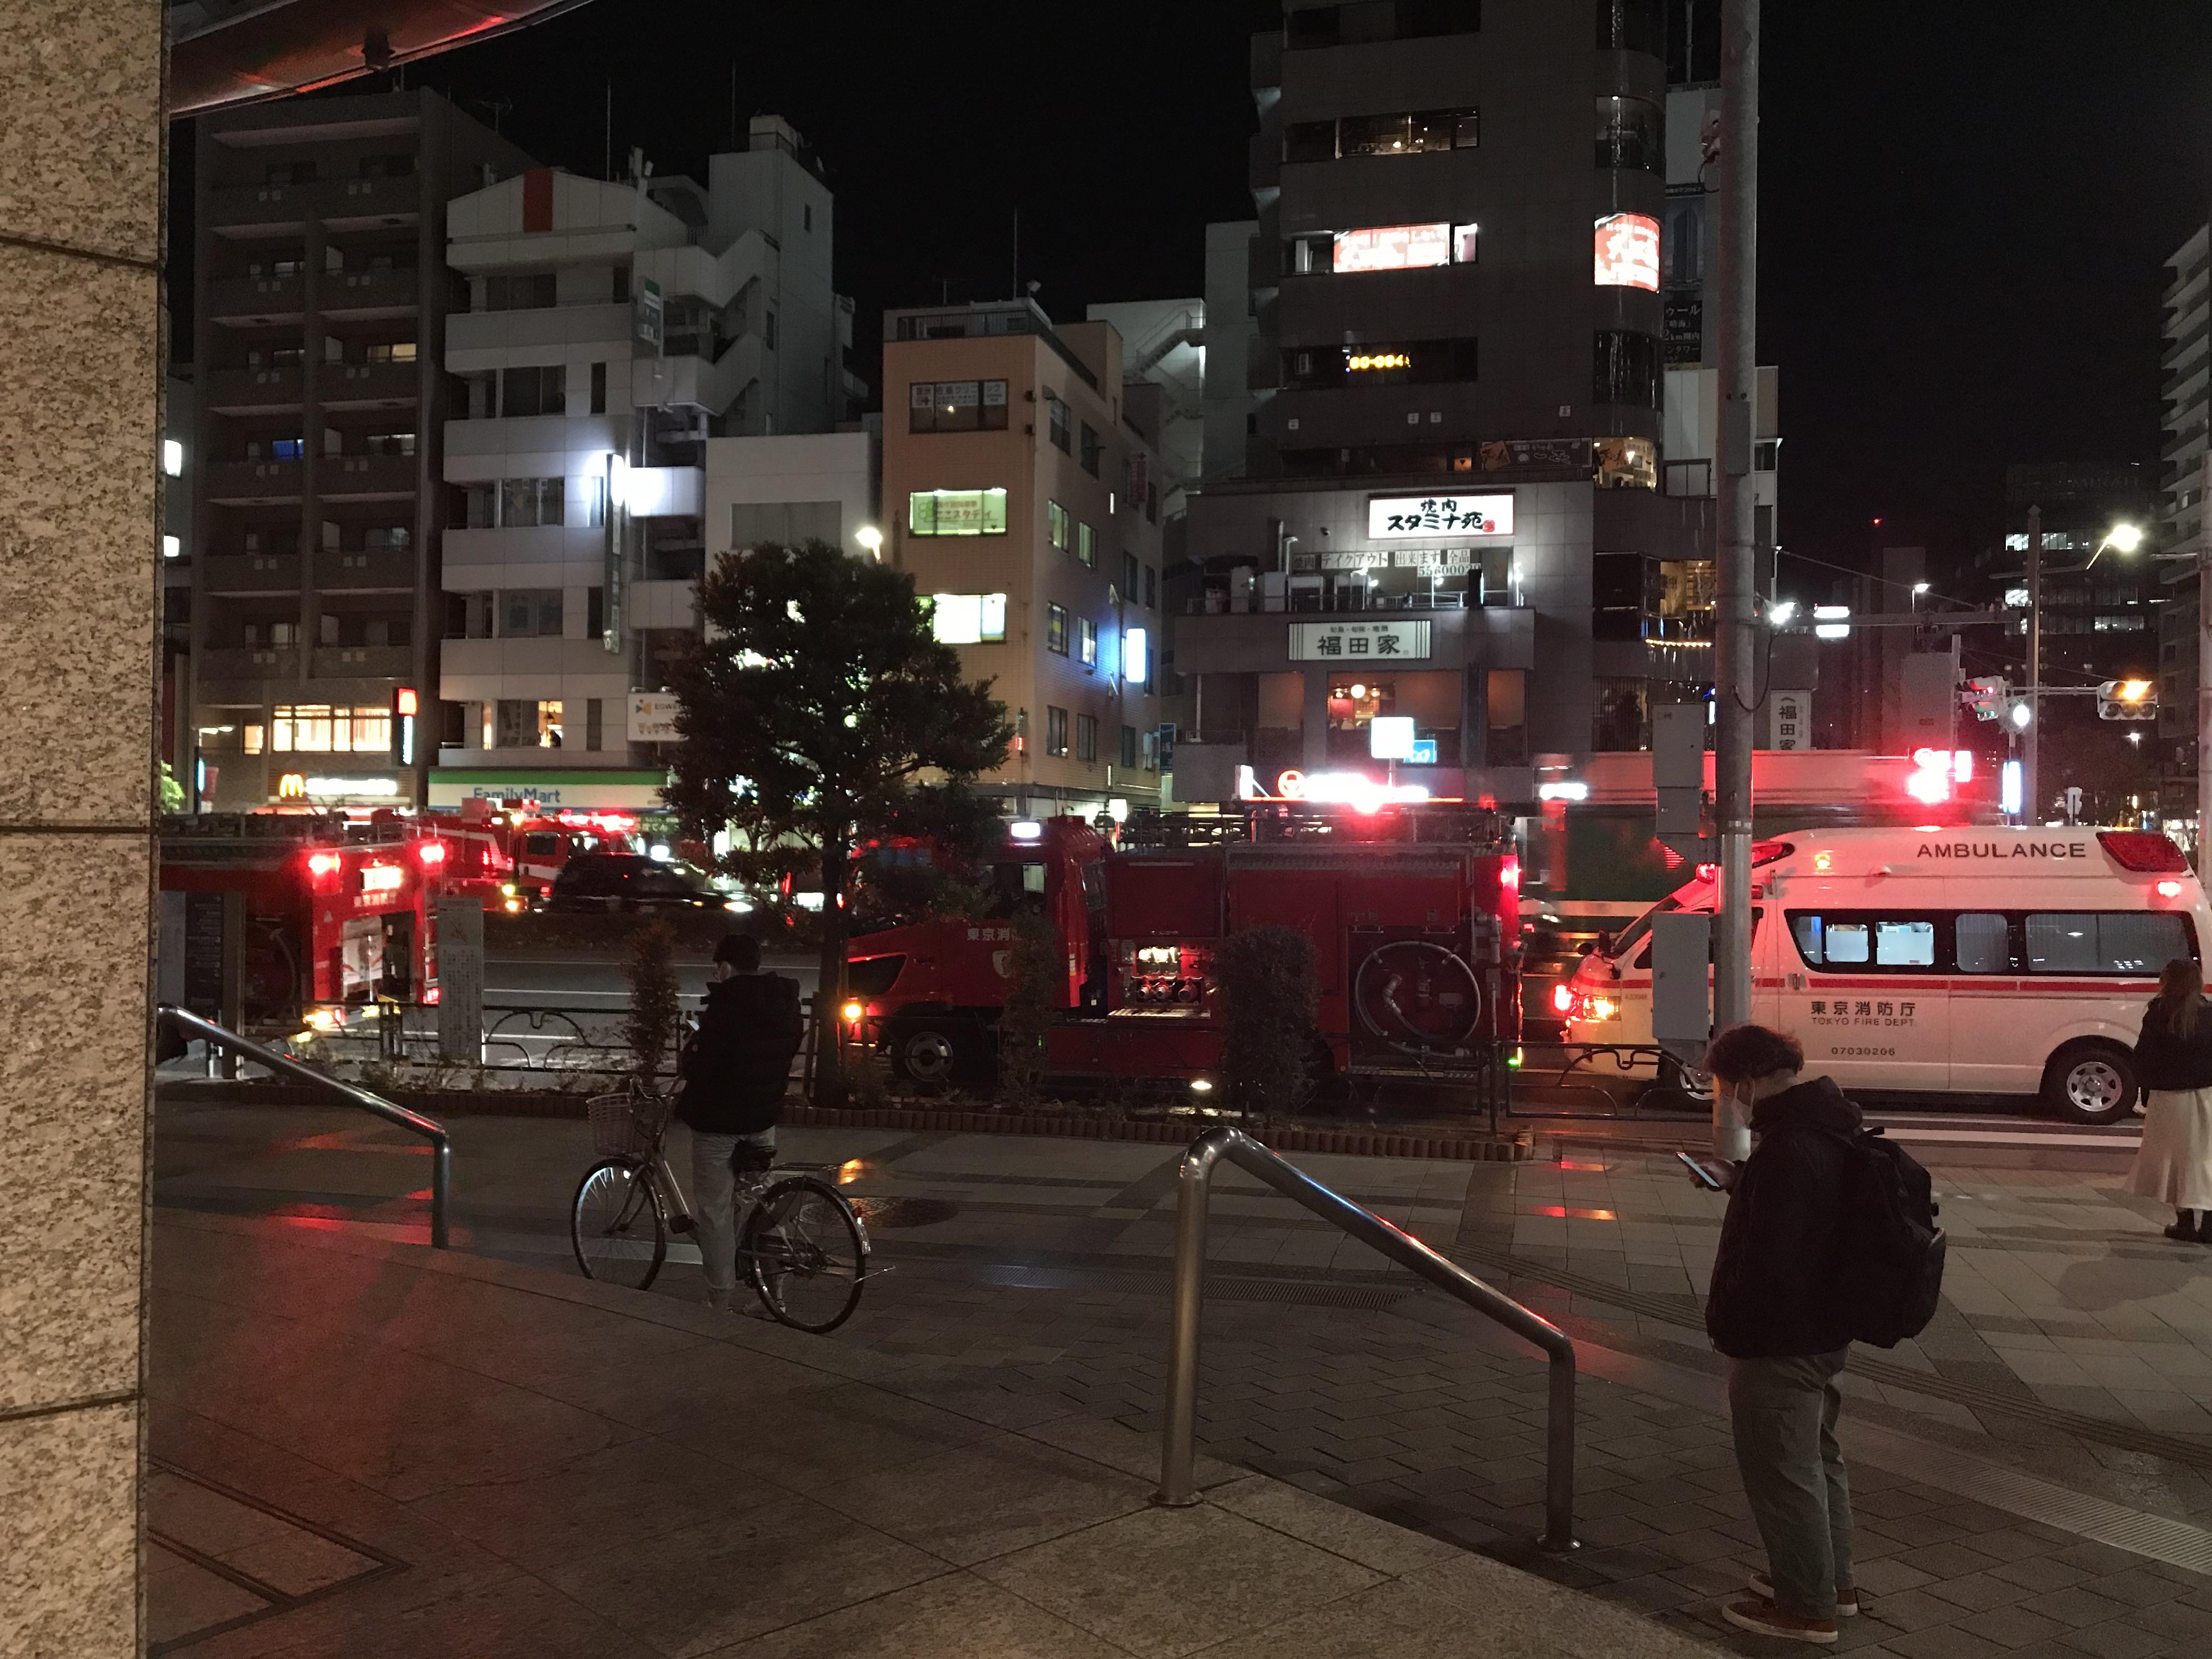 東京メトロ有楽町線の豊洲駅に緊急車両が集結している画像